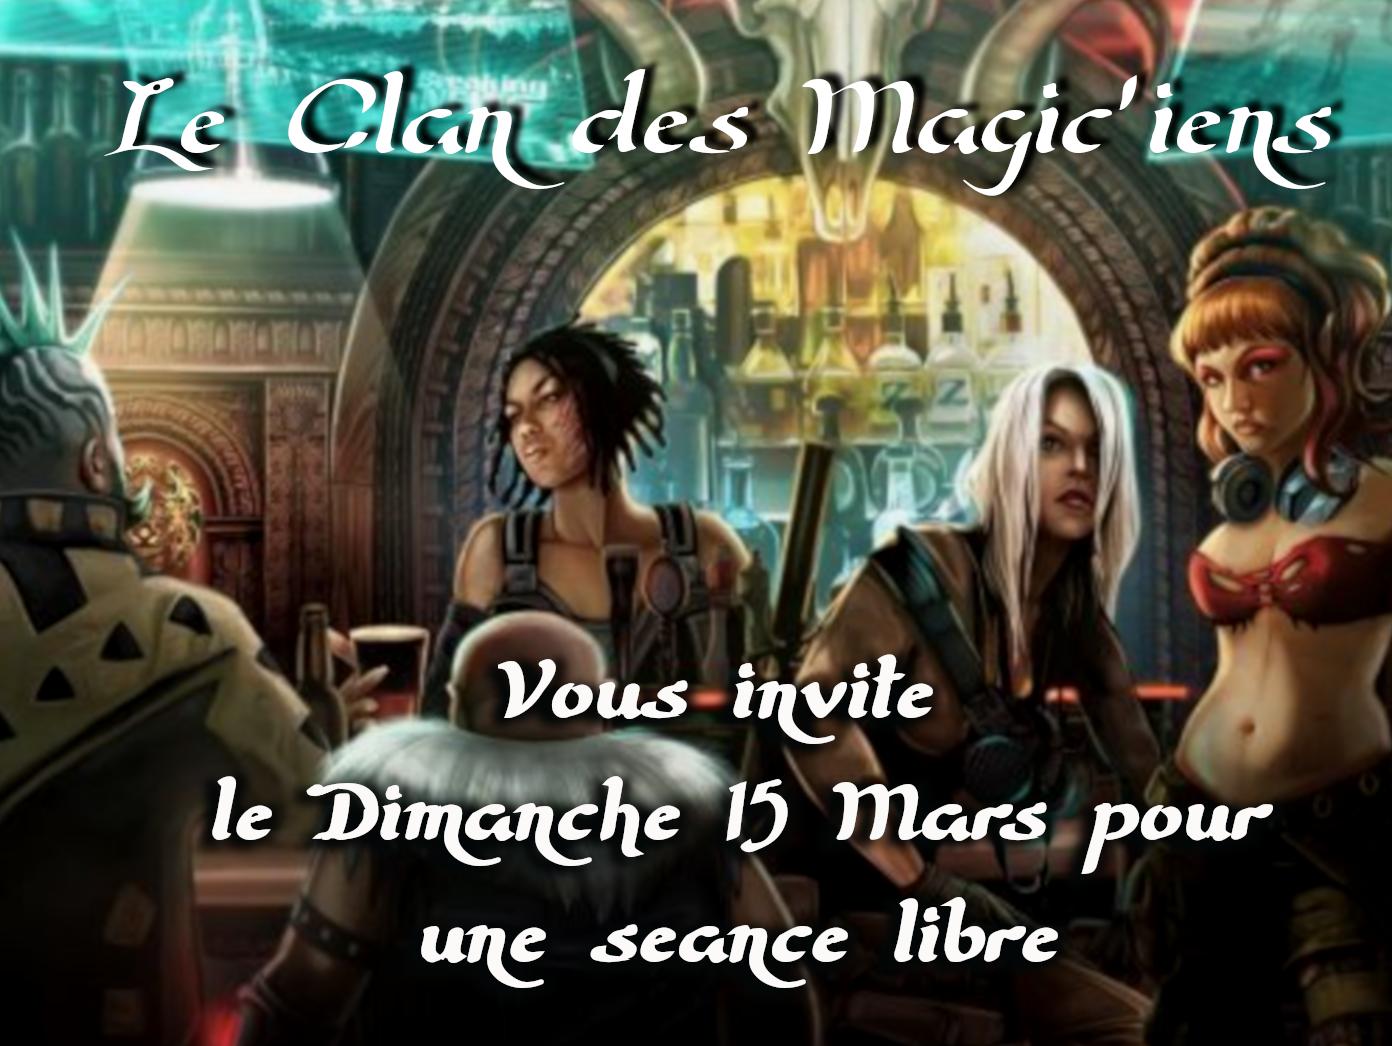 Dimanche 15 mars : Séance libre BK8m8